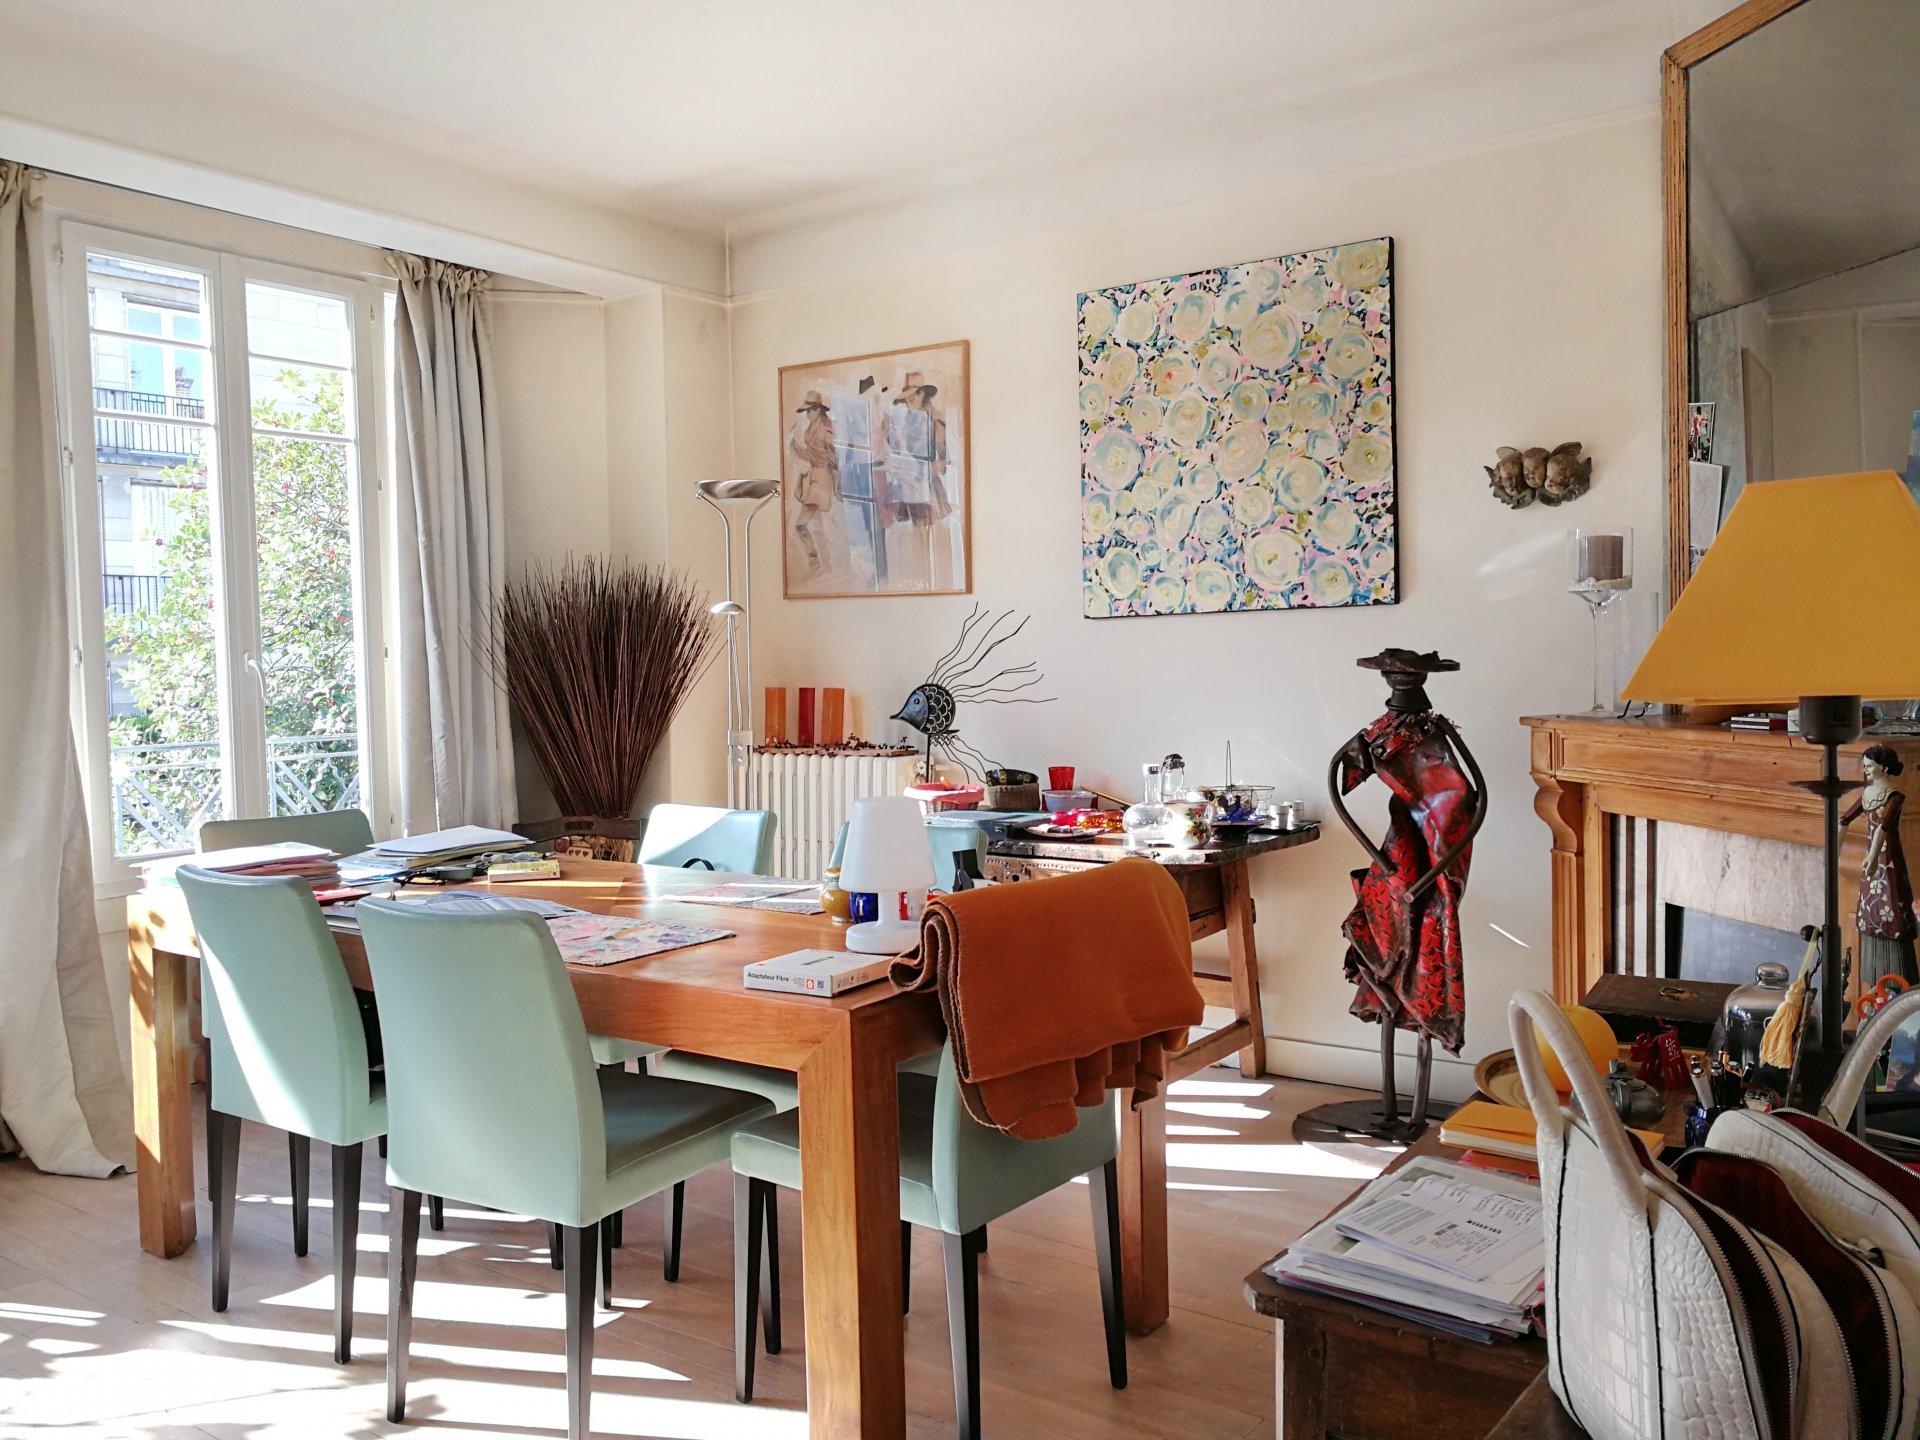 Vente Maison de ville - Versailles Montreuil